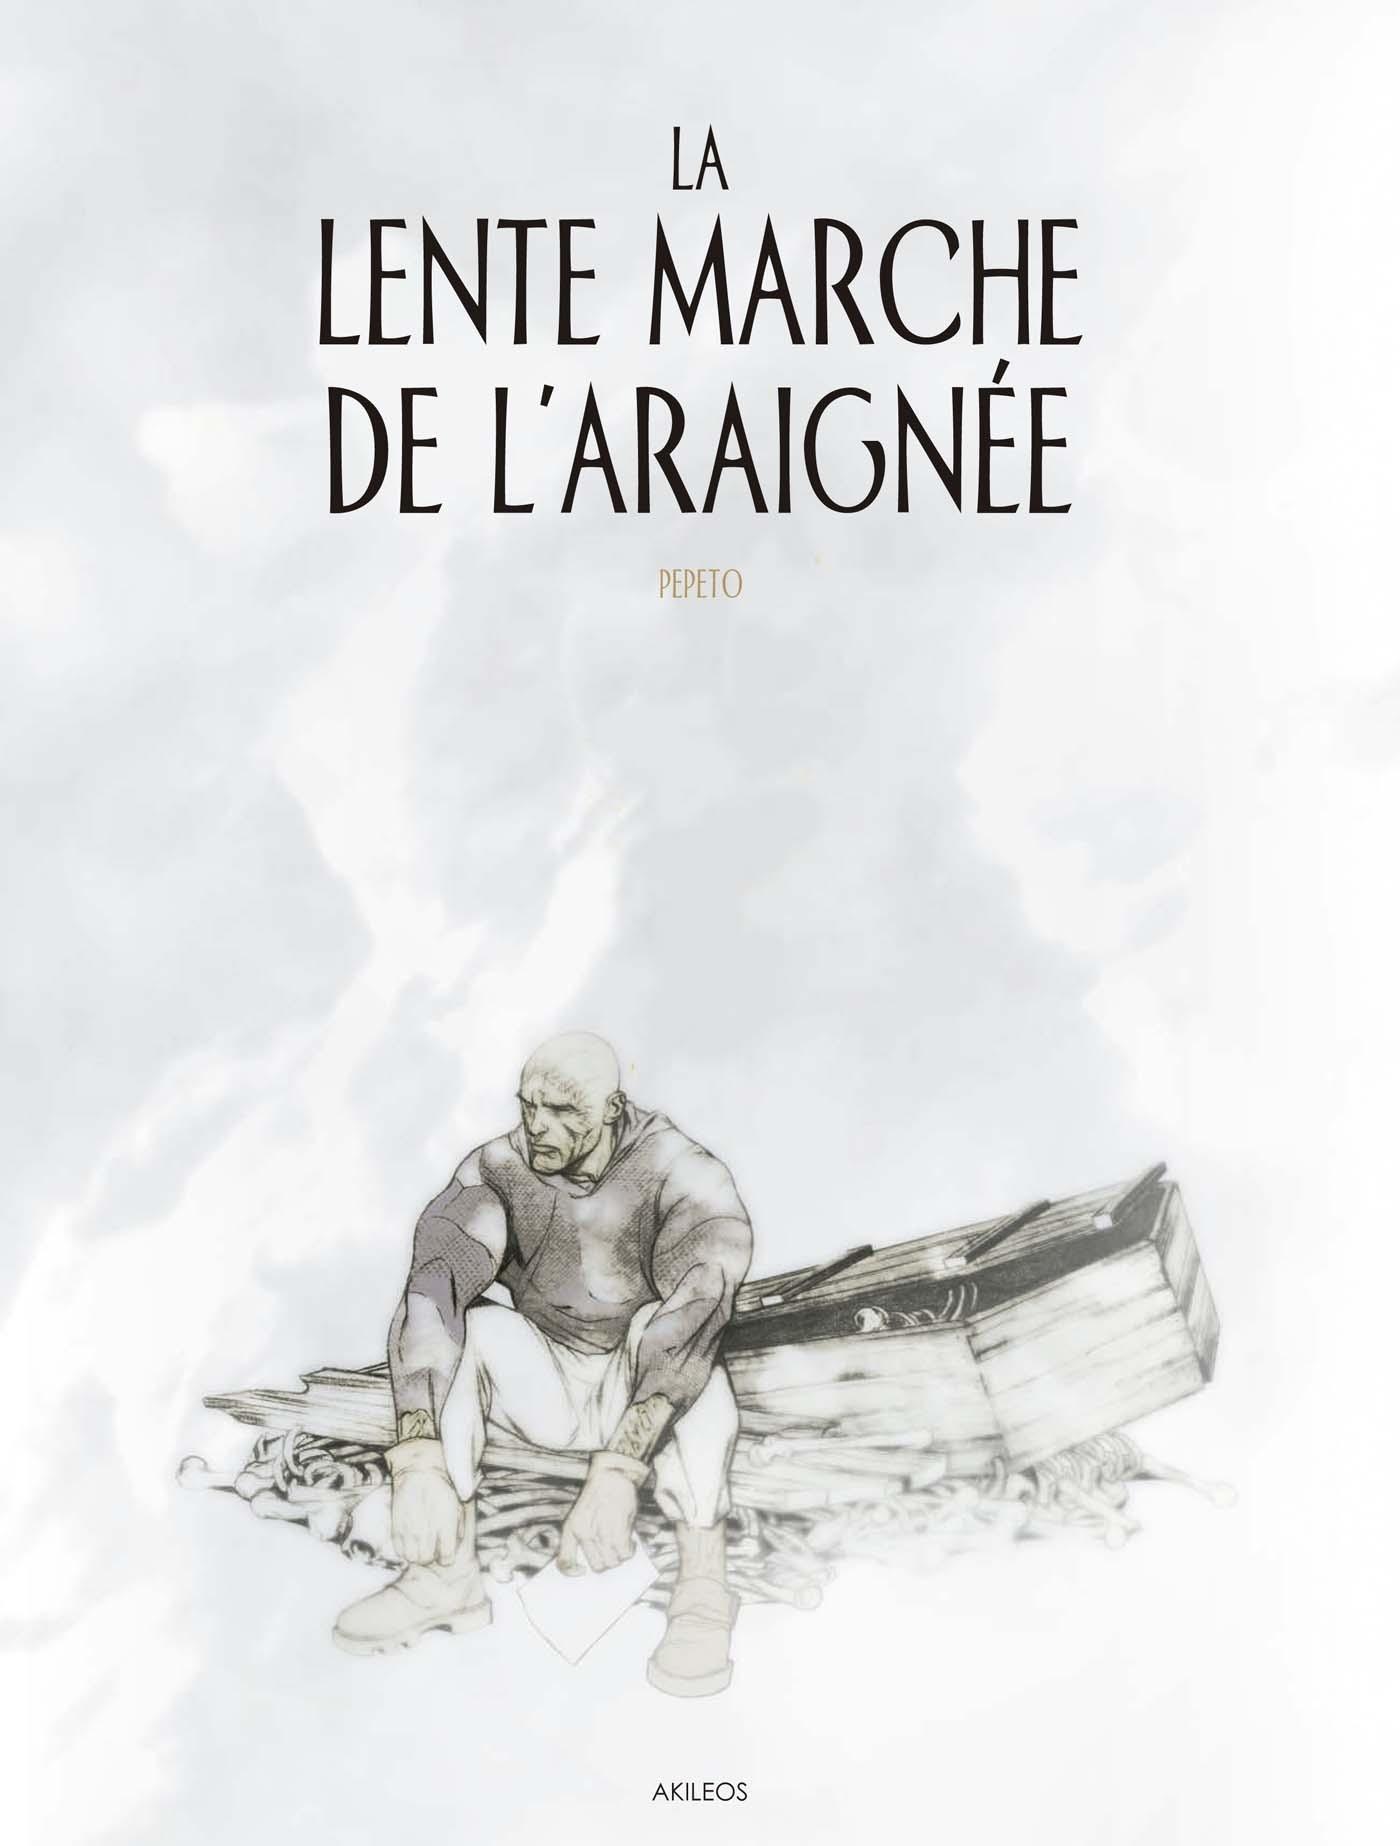 LA LENTE MARCHE DE L'ARAIGNEE